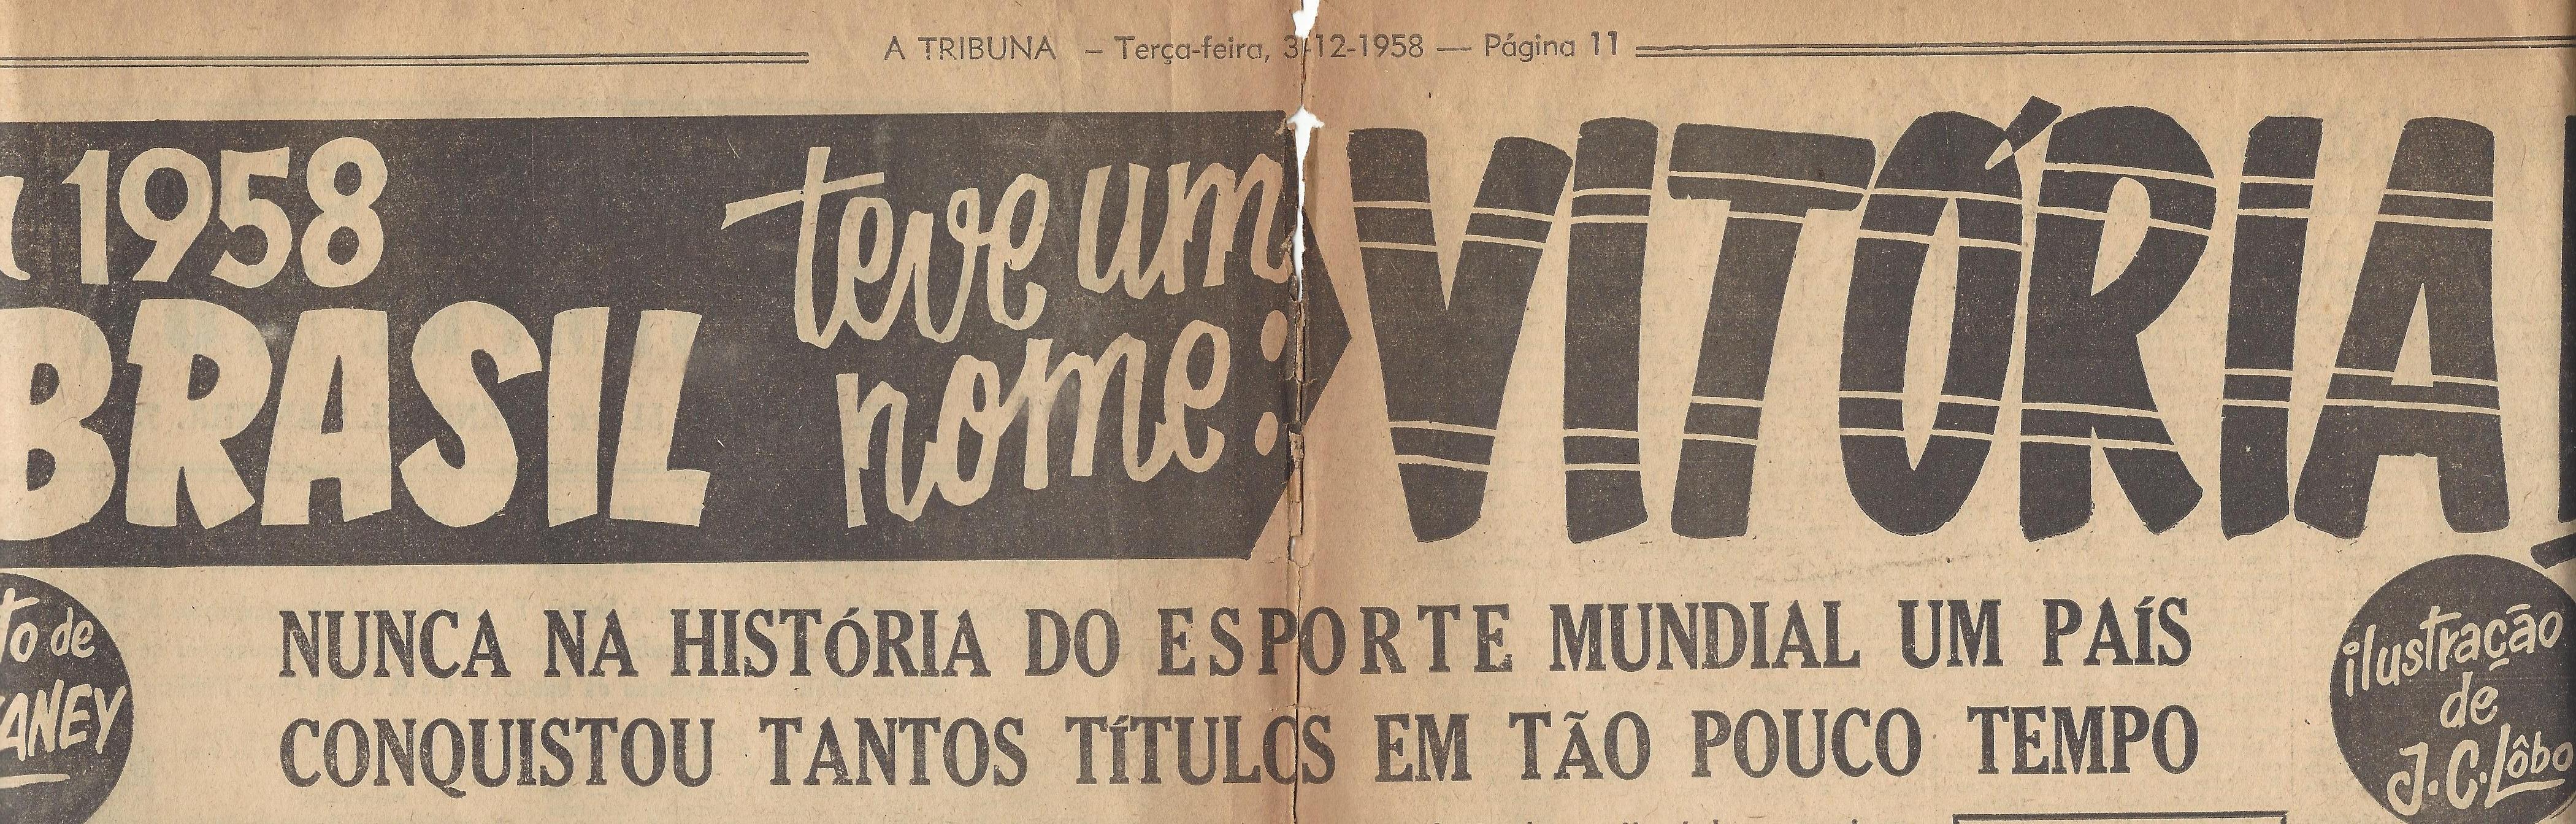 1958geral.jpg